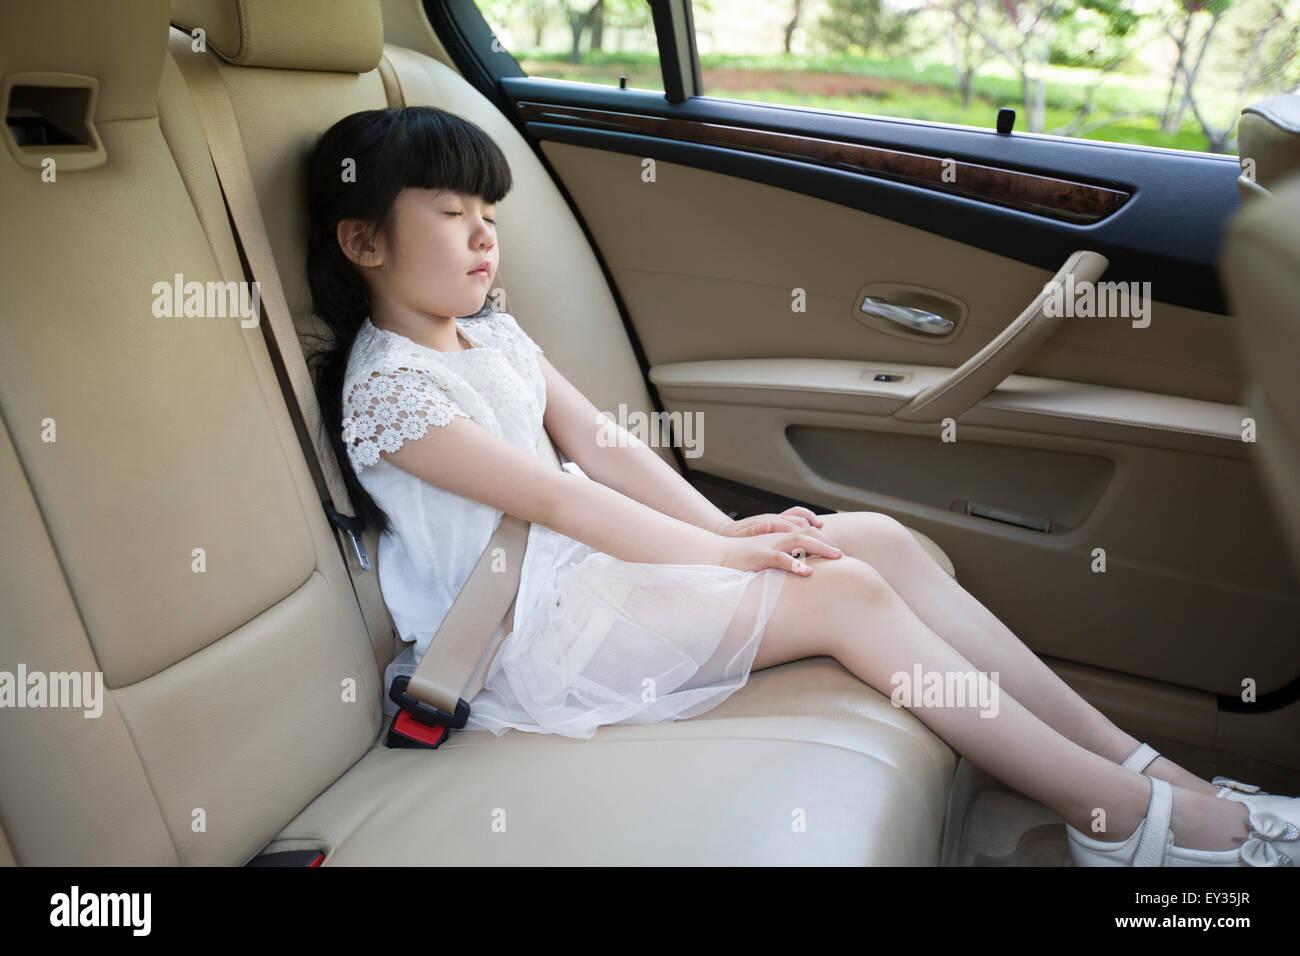 kleines m dchen schlafen im auto r cksitz stockfoto bild. Black Bedroom Furniture Sets. Home Design Ideas